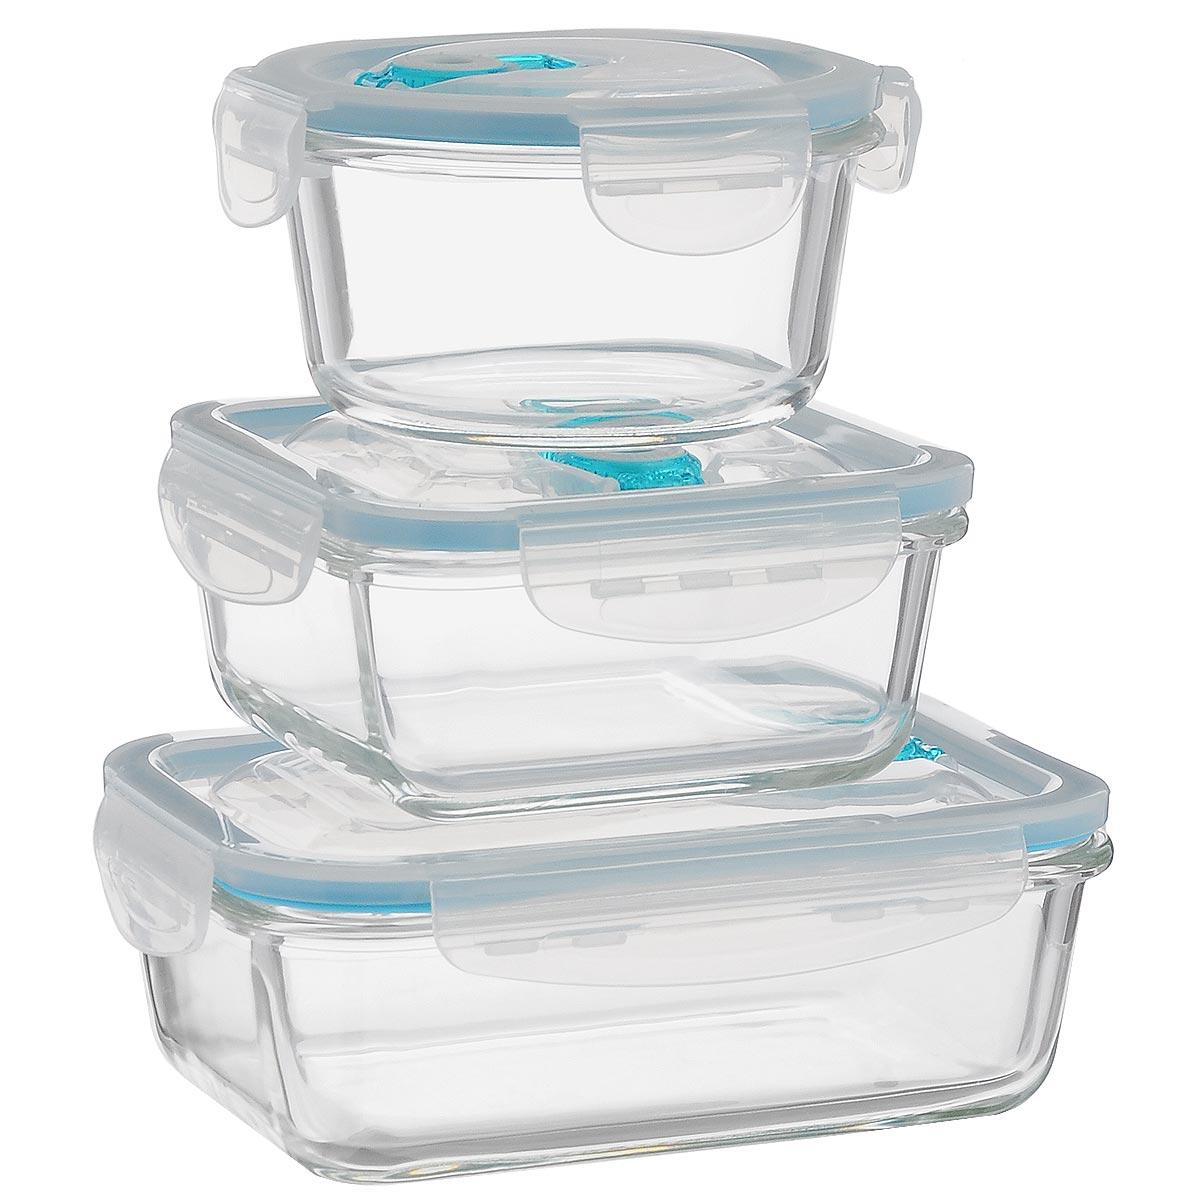 Набор контейнеров для хранения продуктов Darsto, цвет: прозрачный, бирюзовый, 3 шт. 5853A35853A3Набор Darsto состоит из 3 контейнеров разного объема. Изделия выполнены из высококачественного стекла и оснащены вакуумными крышками, которые плотно закрываются, тем самым дольше сохраняя пищу вкусной и свежей. Уникальная технология ClipFresh обеспечивает 100% герметичность и исключает вытекание жидкости. Эстетичность и необыкновенная функциональность набора Darsto позволит ему стать достойным дополнением к вашему кухонному инвентарю. Подходят для использования в микроволновой печи и в посудомоечной машине. Объем контейнеров: 420 мл; 550 мл; 830 мл. Размер контейнеров (с учетом крышек): 13 см х 13 см х 7 см; 14 см х 14 см х 7 см; 19 см х 14 см х 7 см.